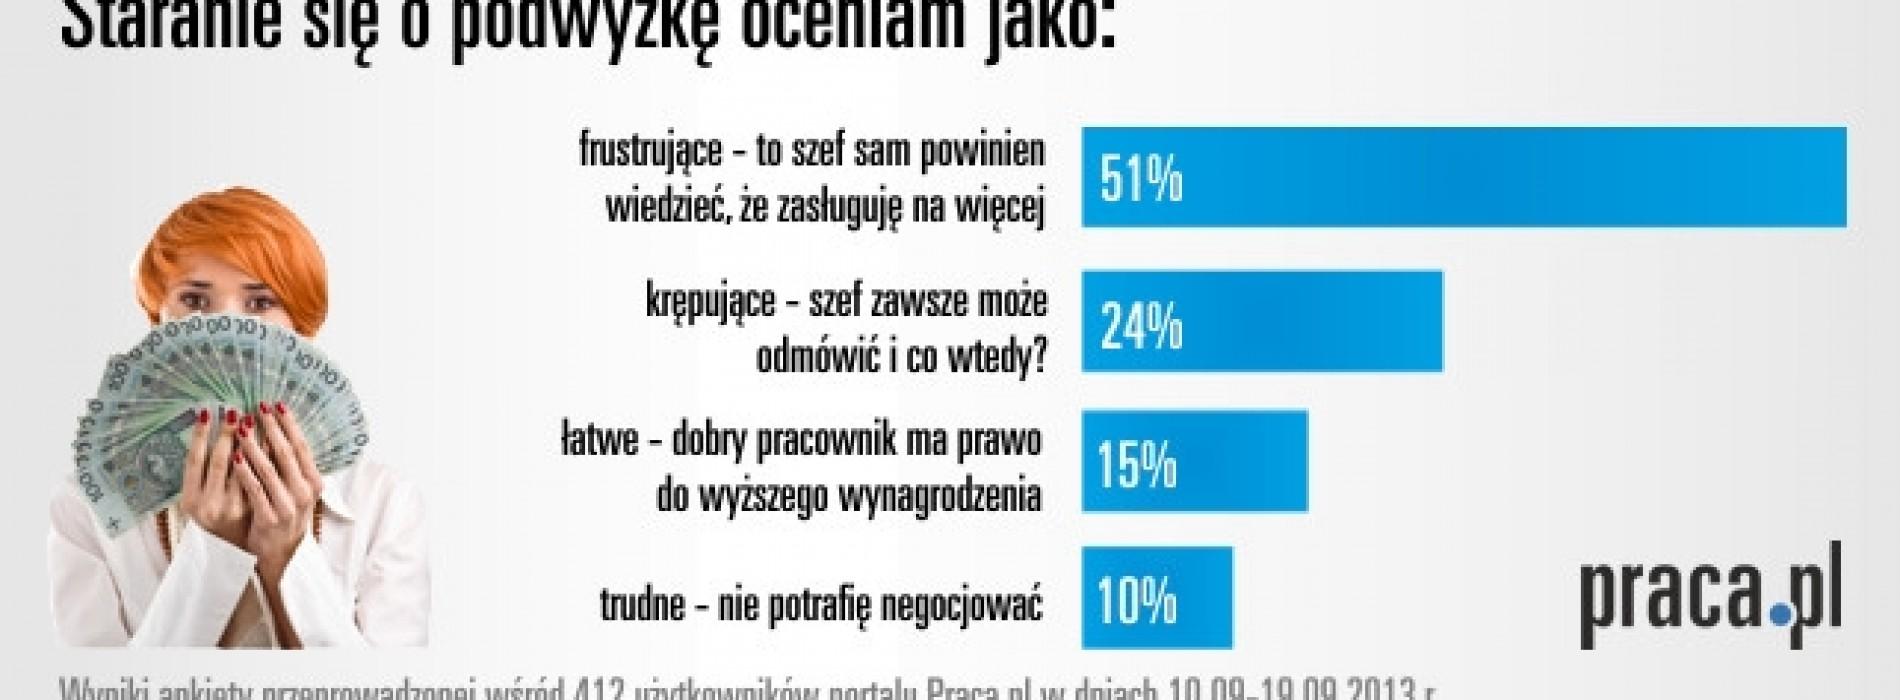 Negocjowanie wynagrodzenia – problem dla 85% Polaków